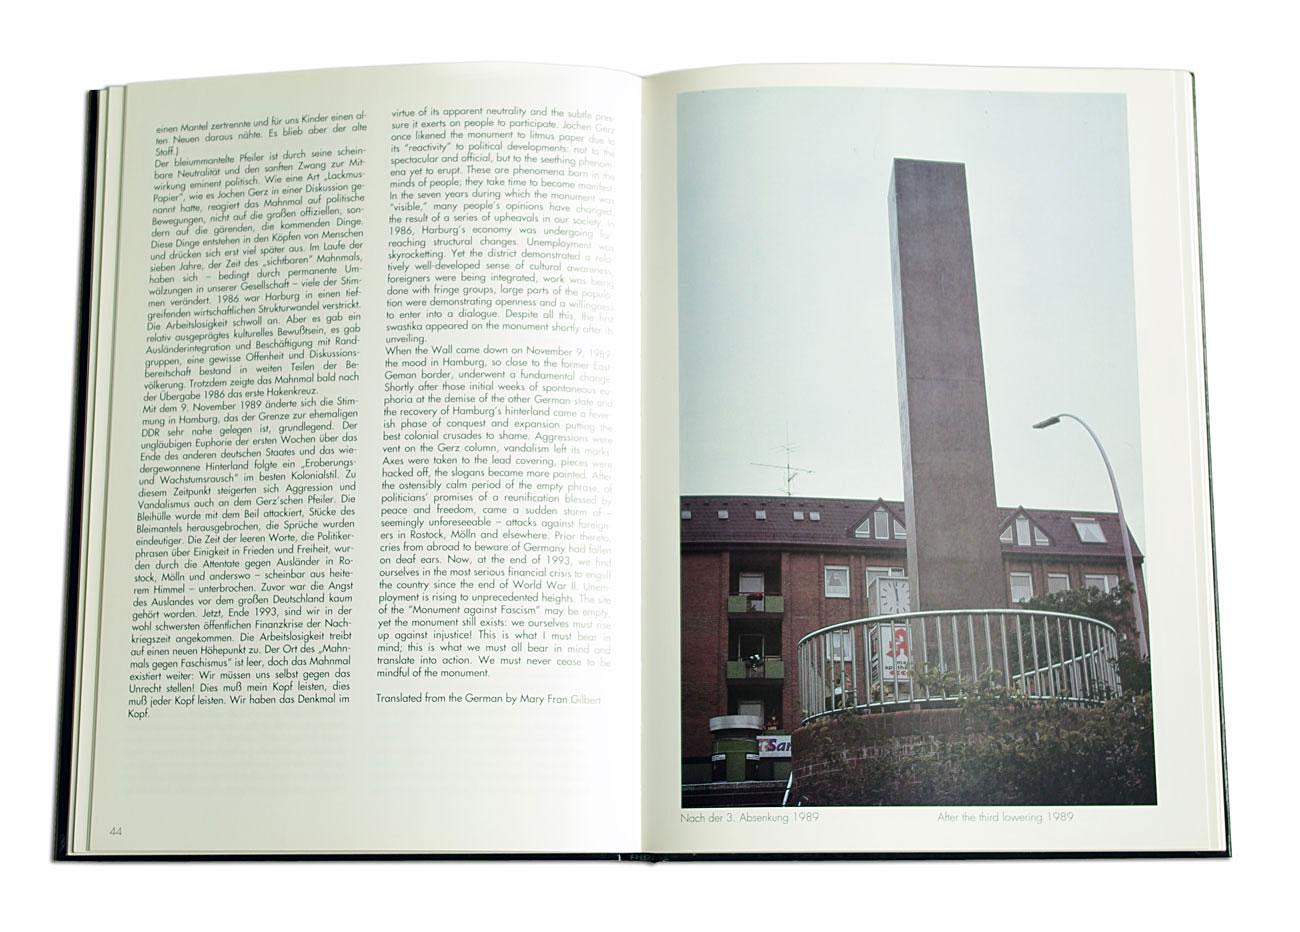 The Harburg Monument against Fascism